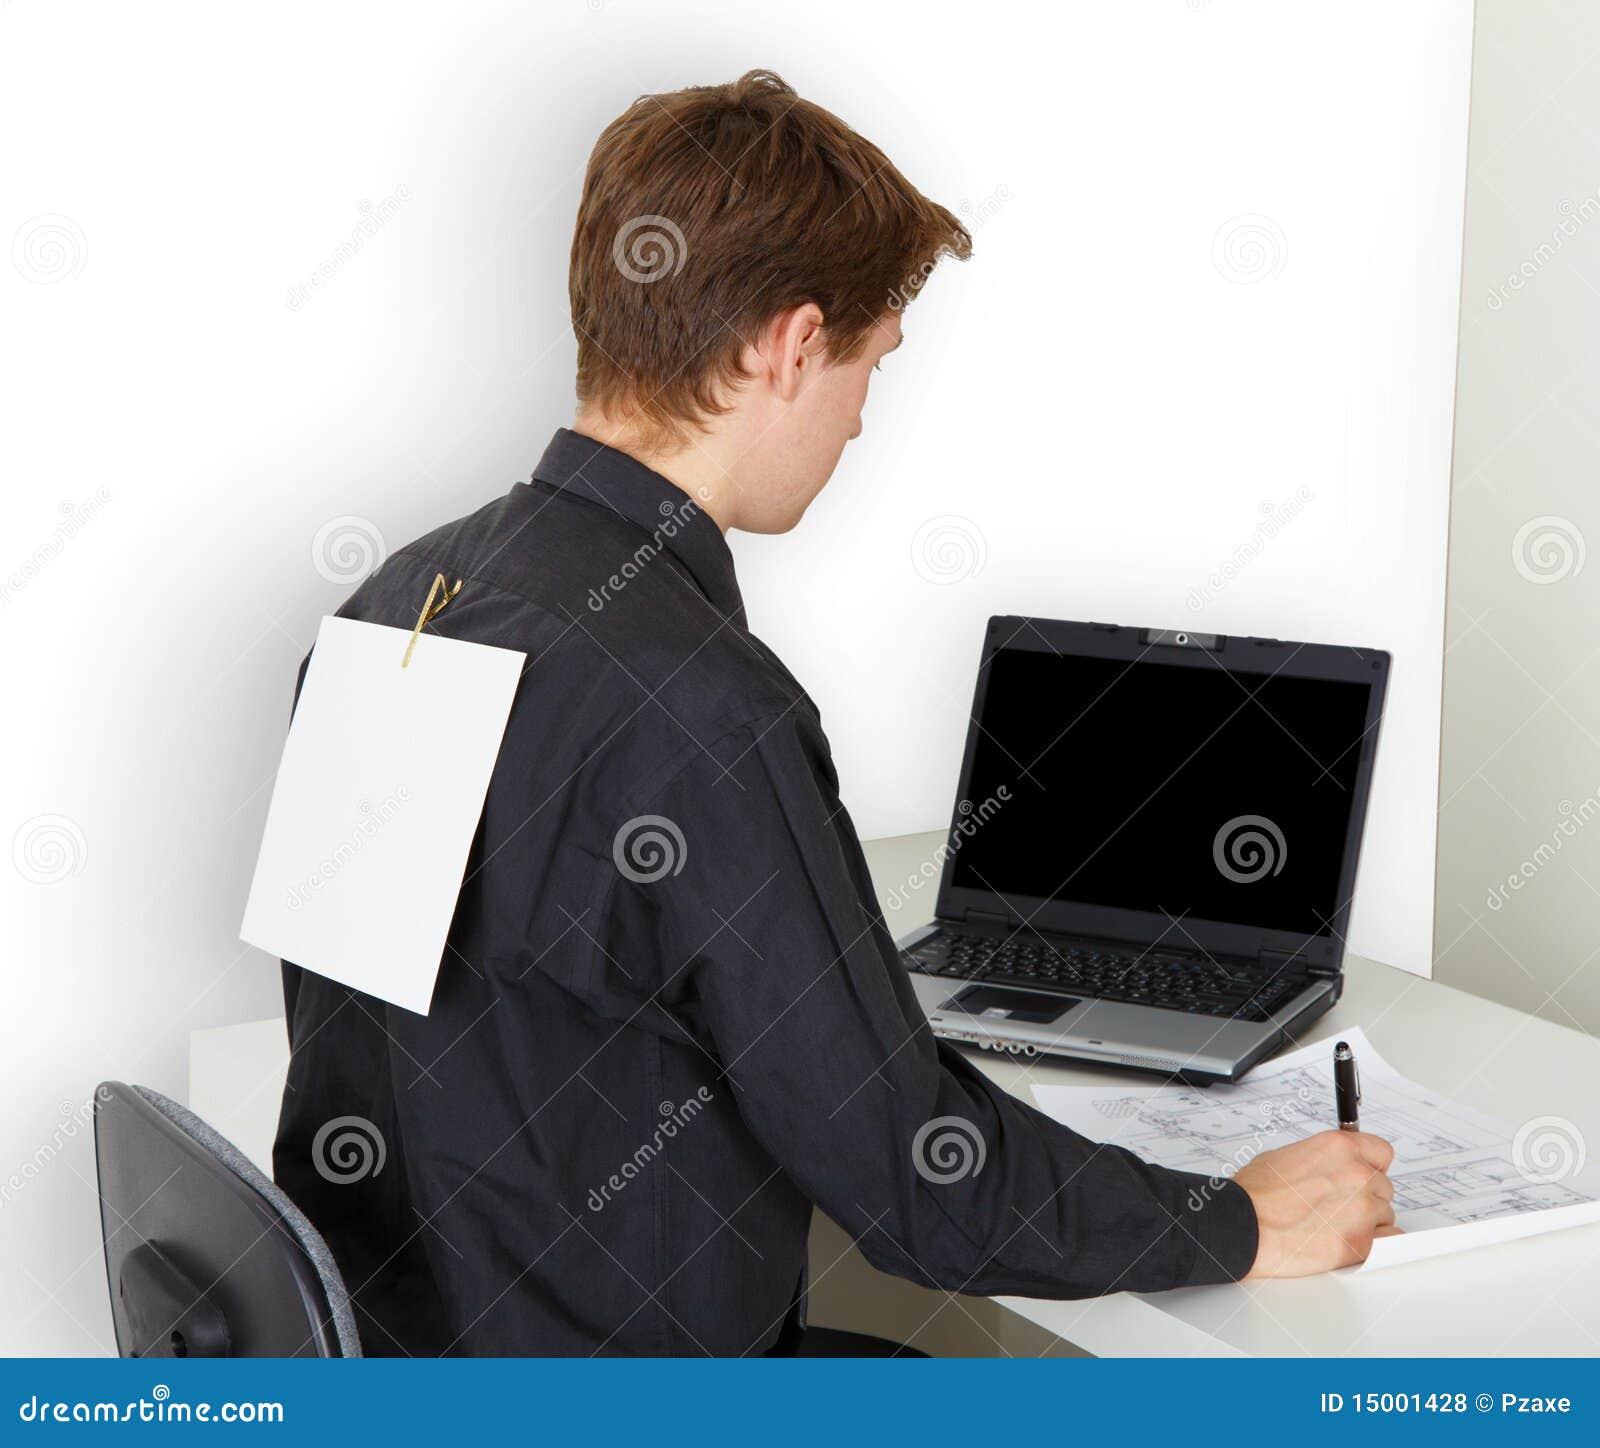 Hombre ocupado con el trabajo. En el papel detrás asociado